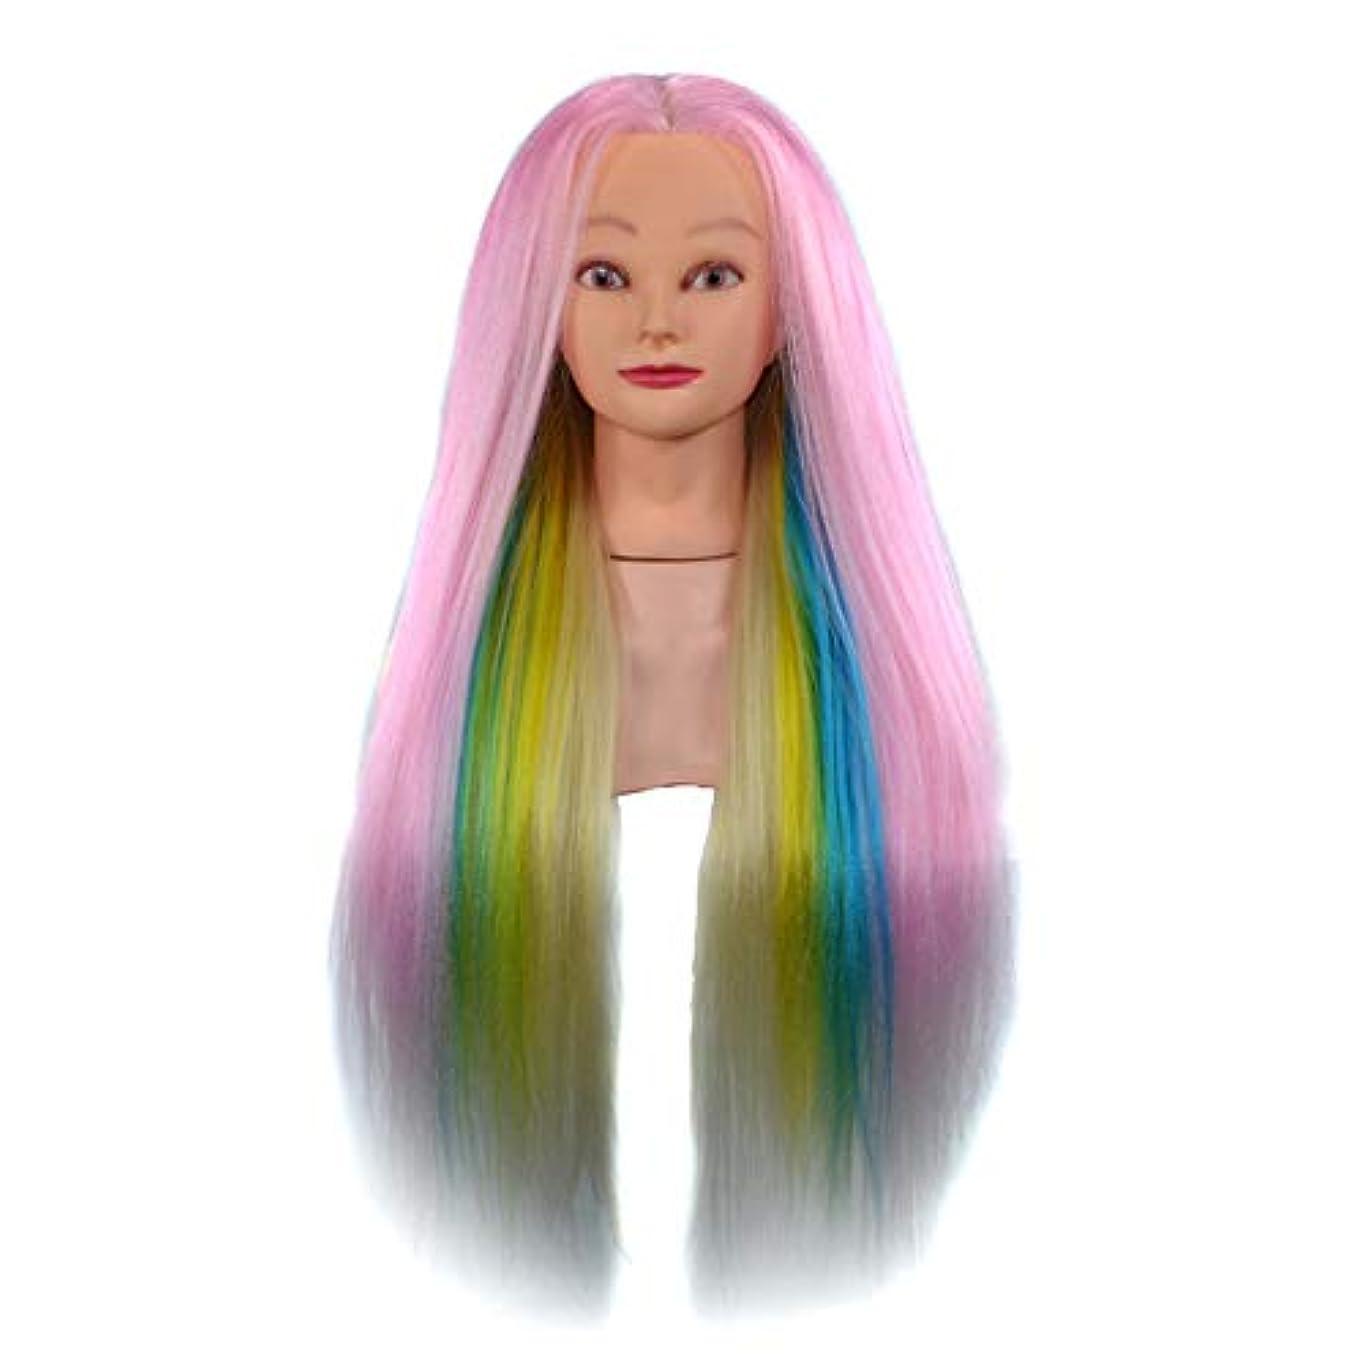 フラグラント静脈フィクション高温ワイヤー矯正スタイリング切断マネキンヘッドトレーニングヘッド理髪マネキン人形ヘッドでクランプ